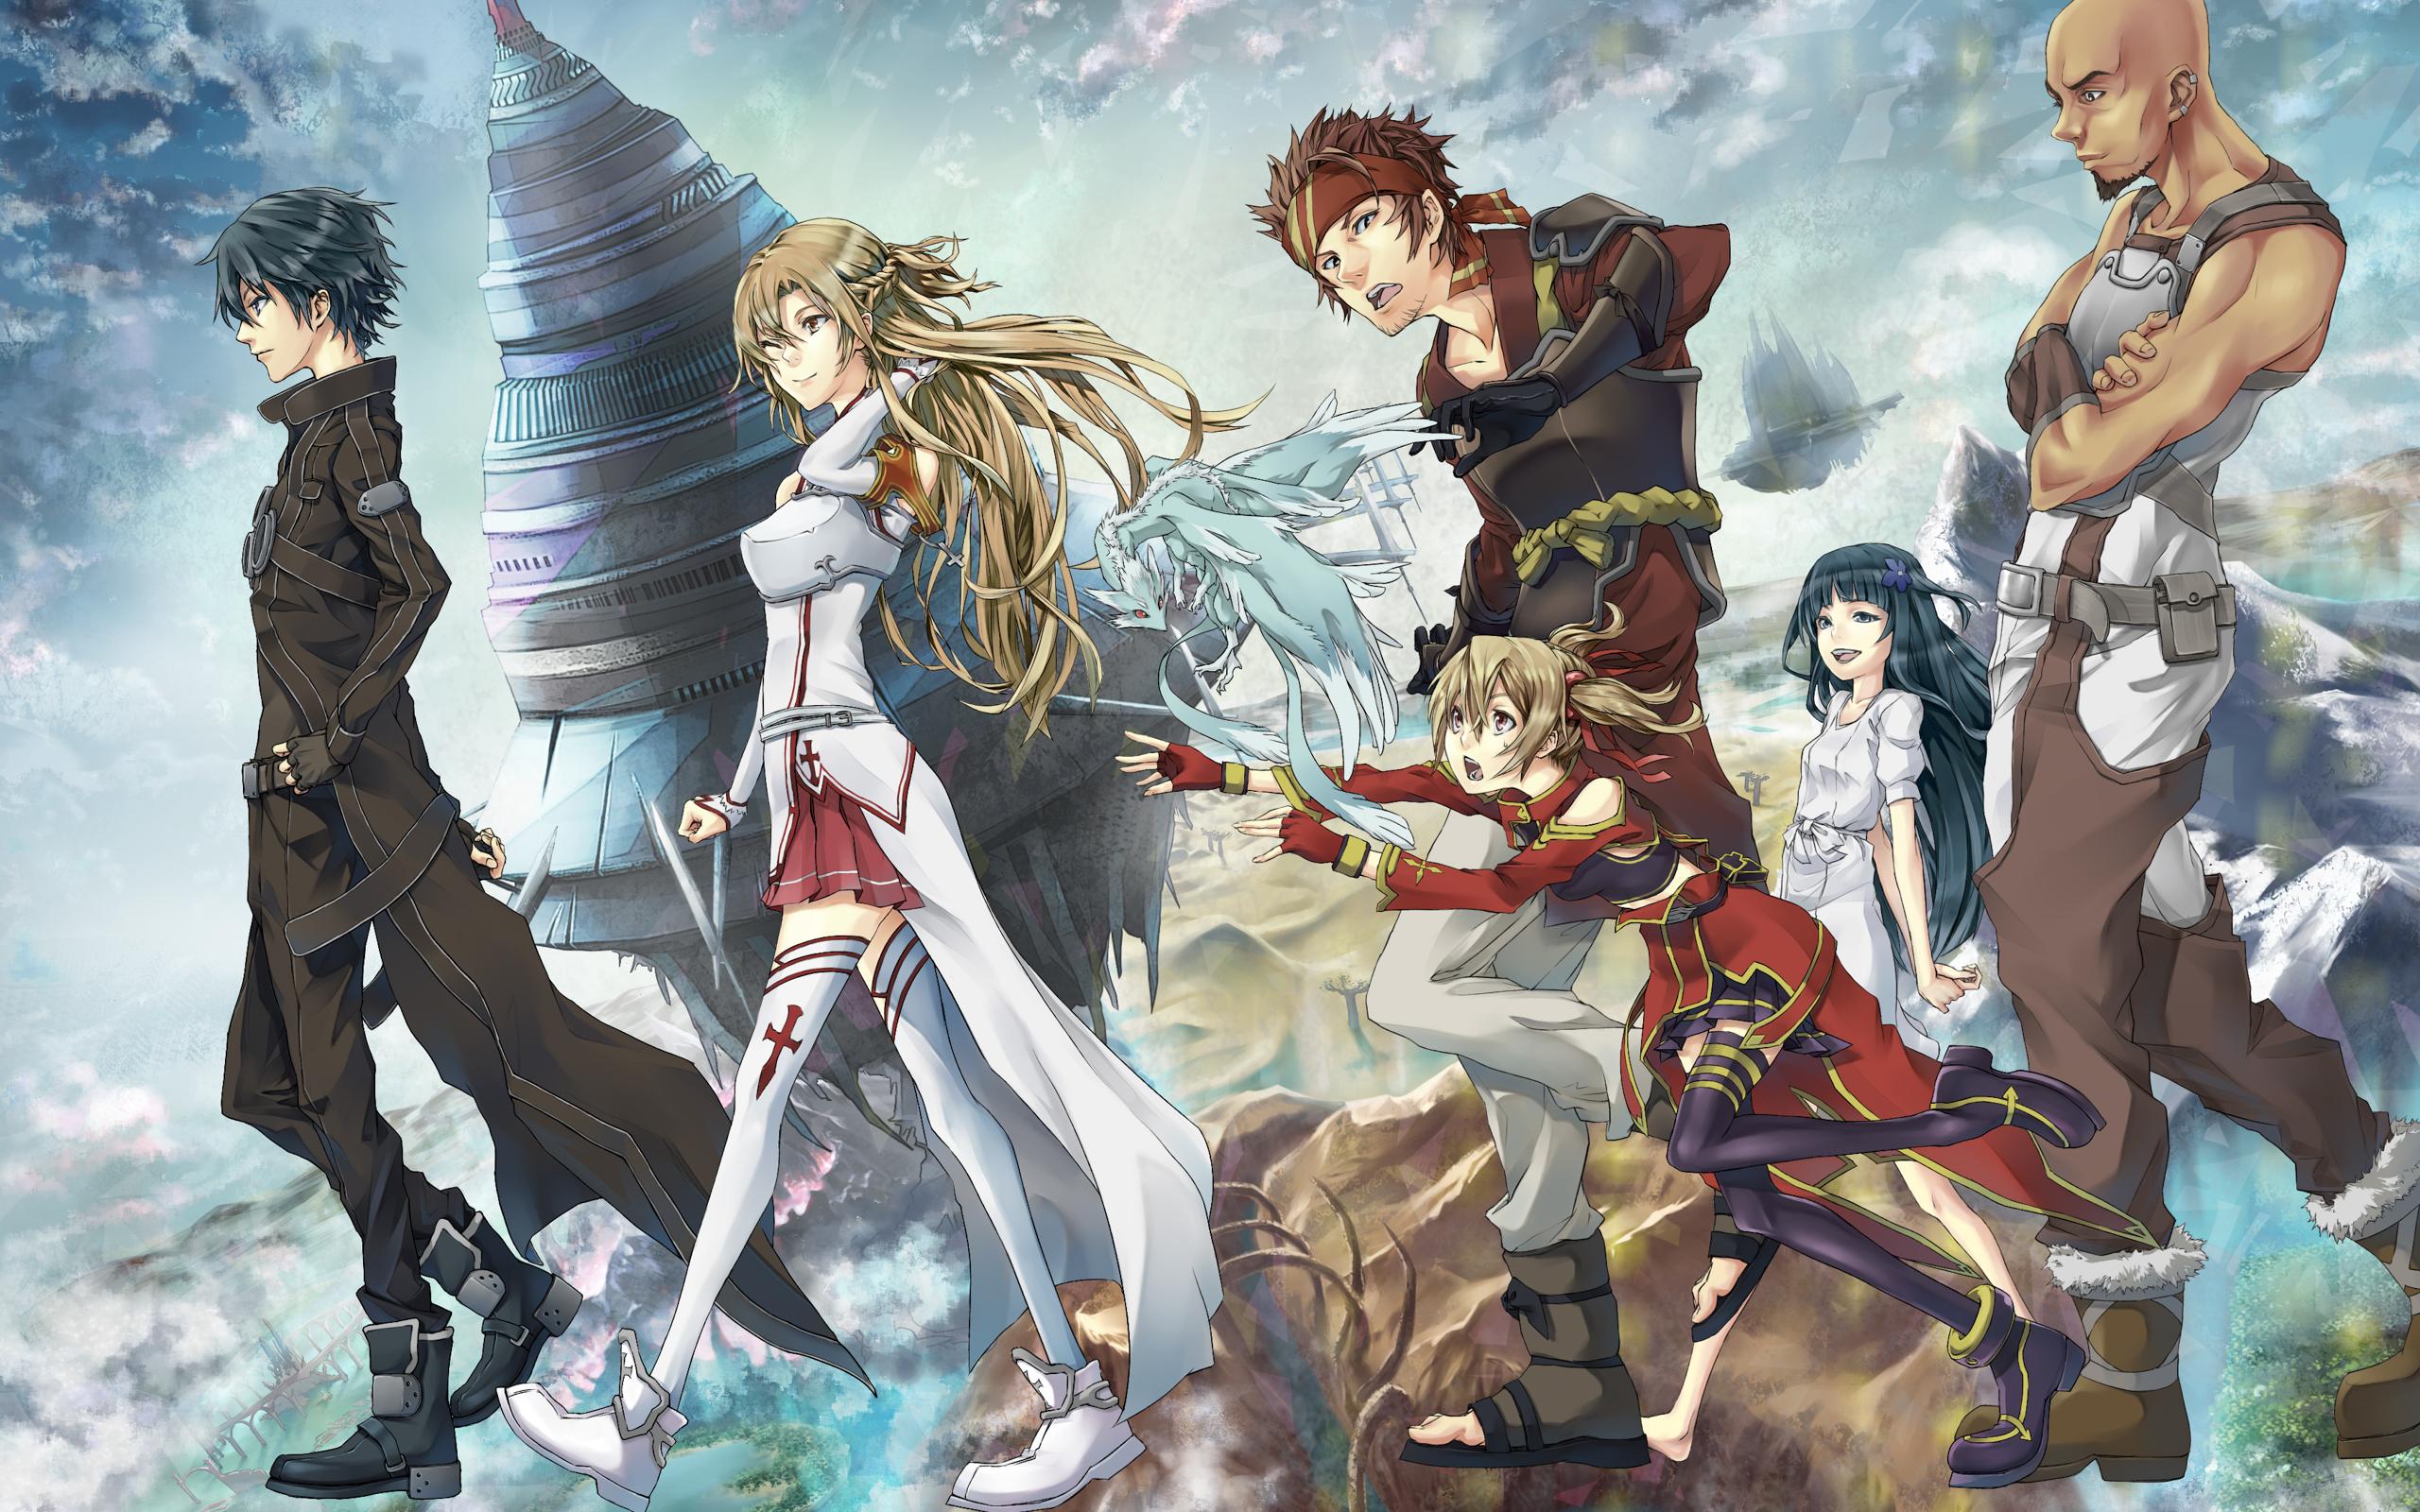 картинки аниме мастера меча онлайн: